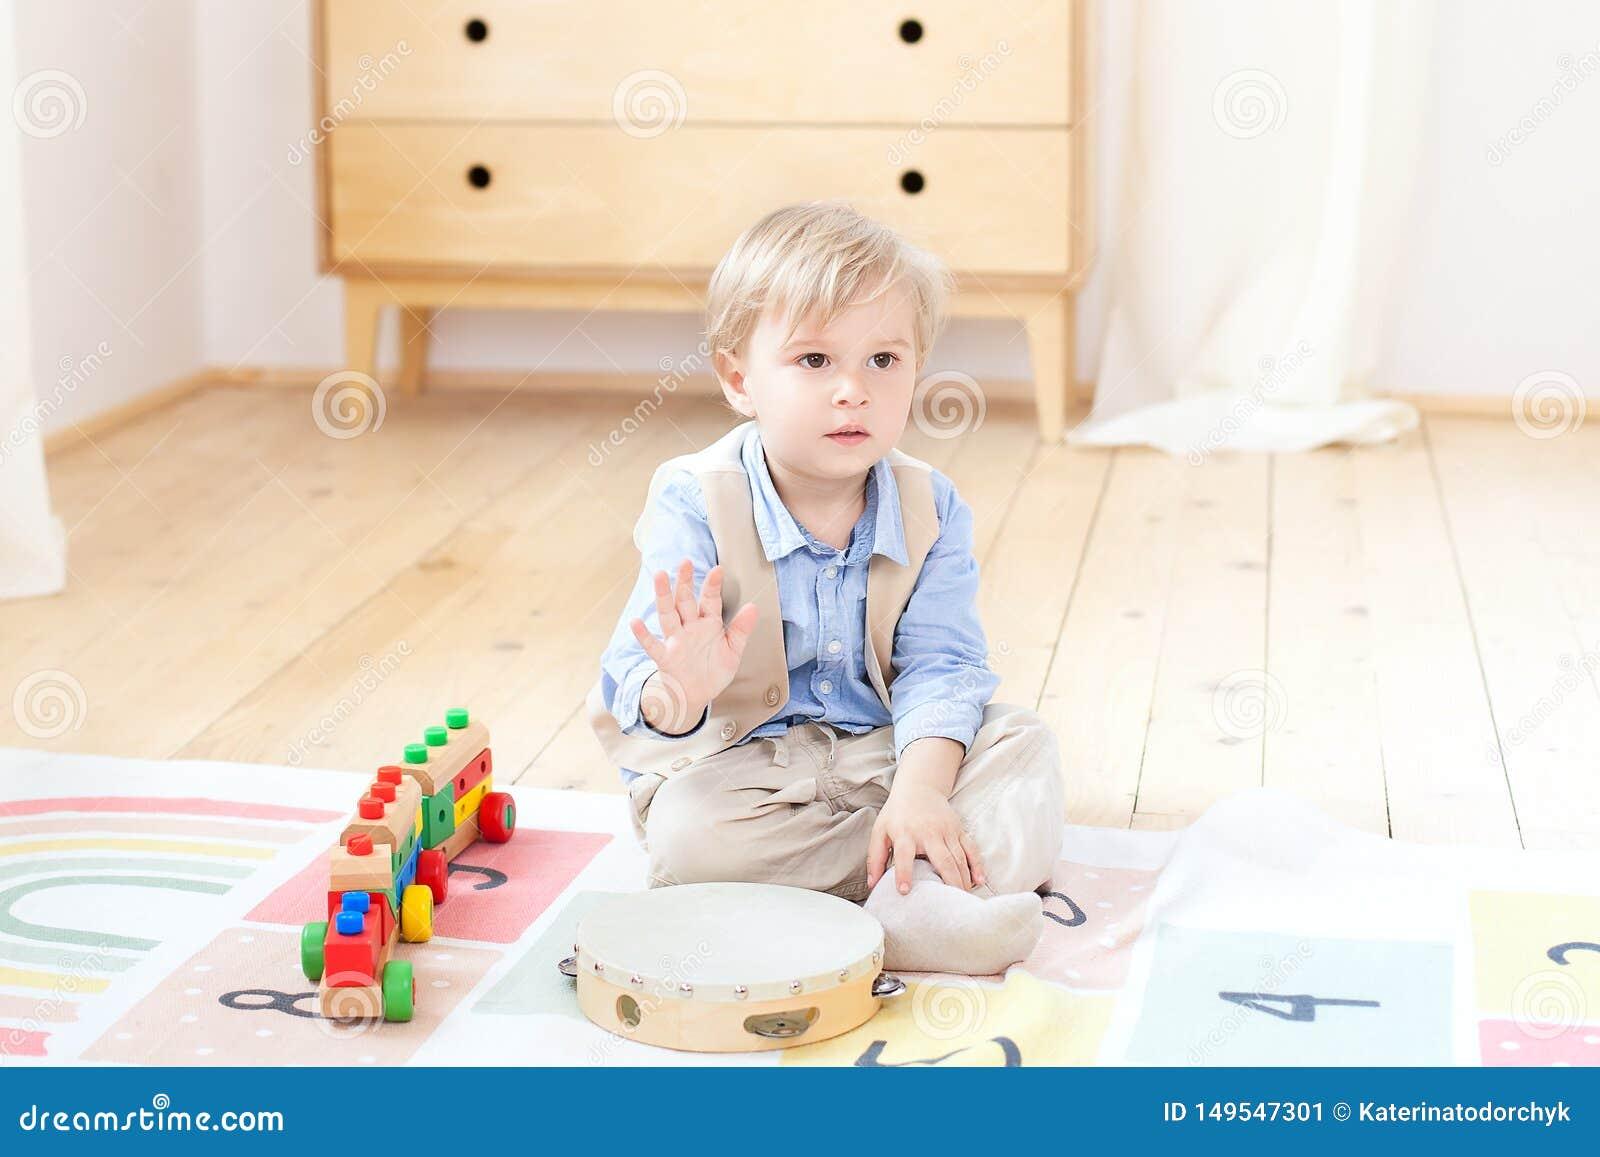 Мальчик играет с музыкальным деревянным барабанчиком и поездом Воспитательные деревянные игрушки для ребенка Портрет мальчика сид